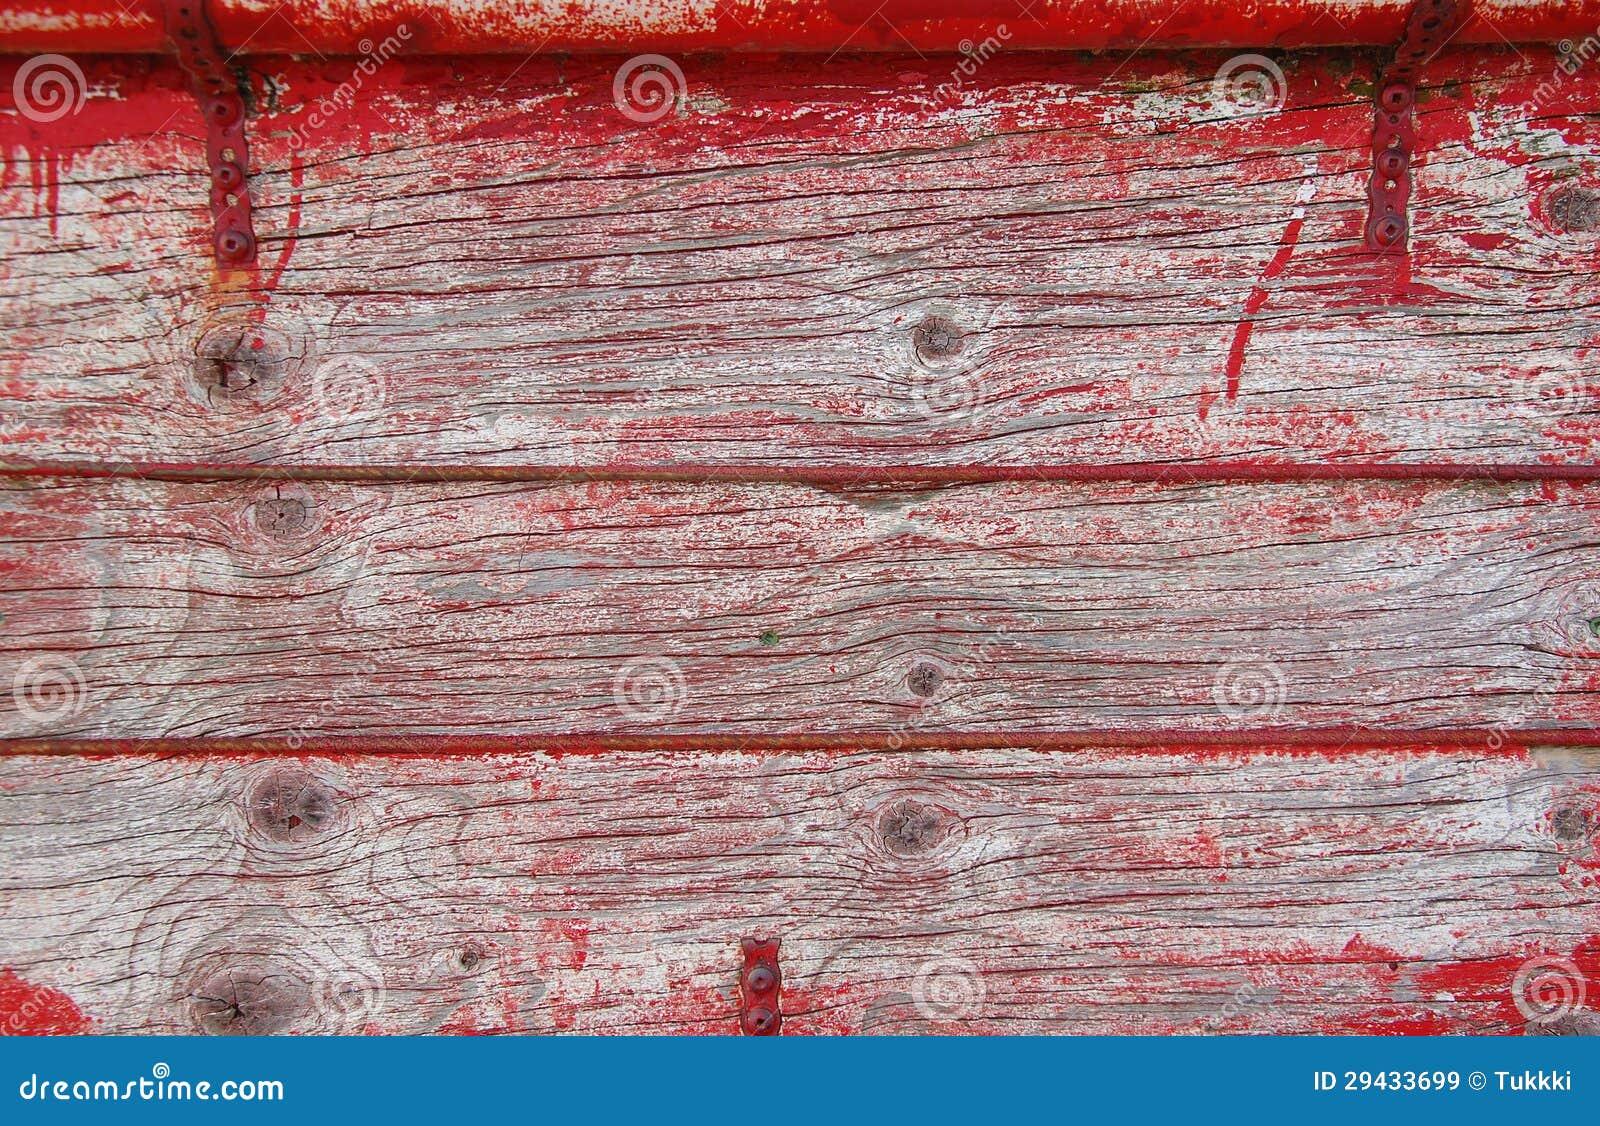 Vieilles planches en bois avec des traces de peinture rouge images libres de - Vieille planche de bois ...